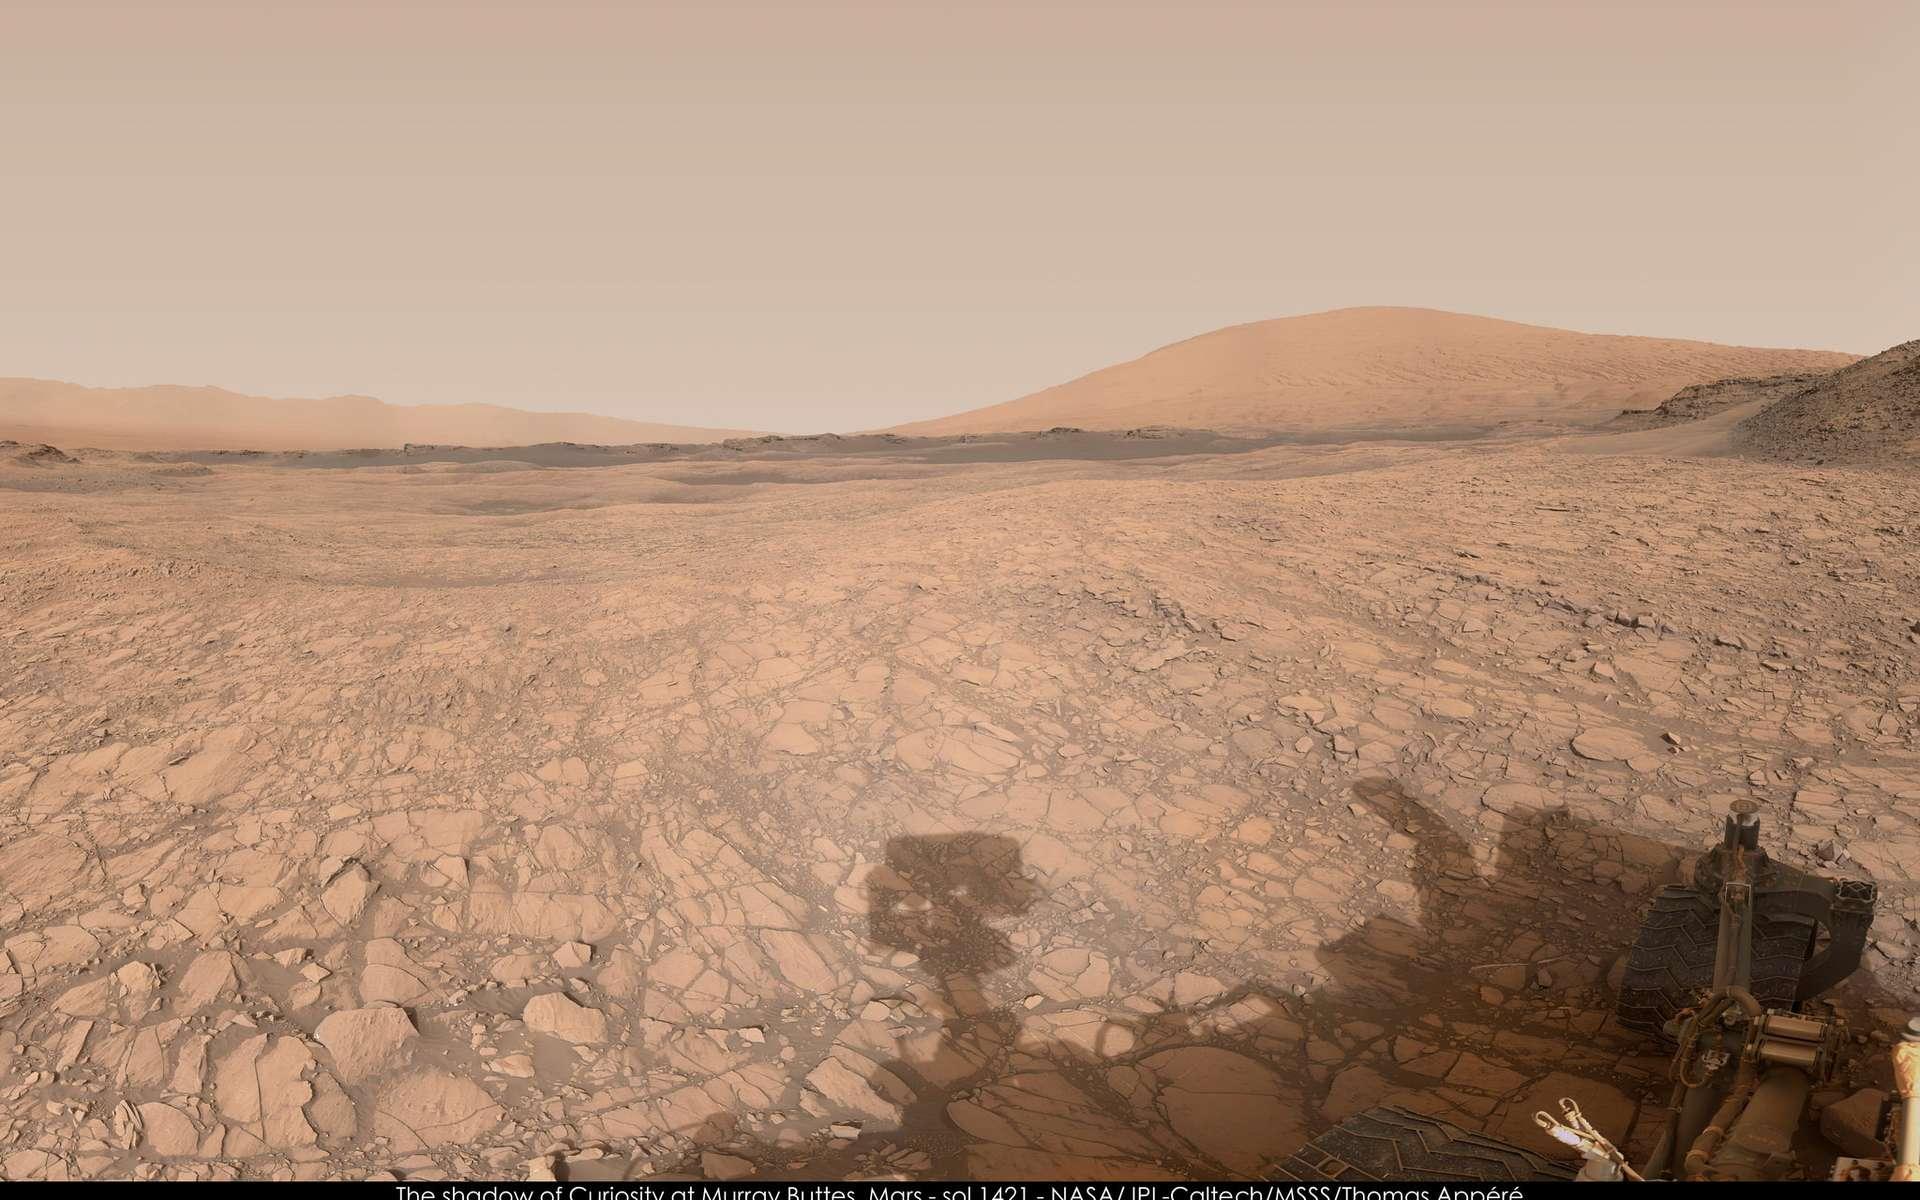 À droite, le mont Sharp. Curiosity, dont on peut voir l'ombre projetée au sol, était à Murray Buttes ce jour-là (Sol 1.421). © Nasa, JPL-Caltech, MSSS, Thomas Appéré